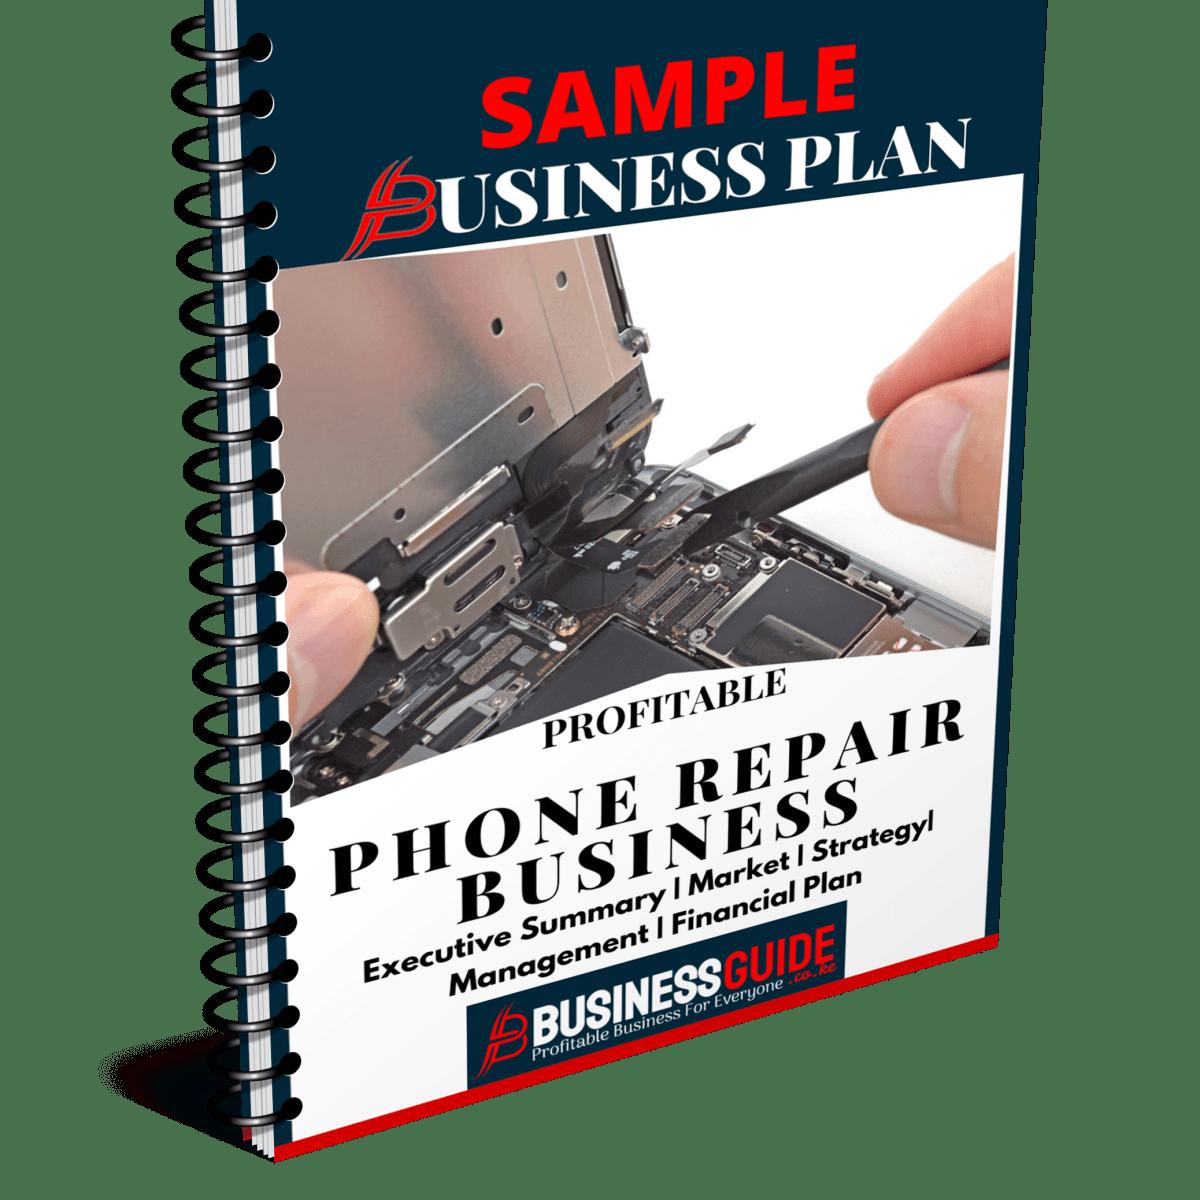 Phone Repair Sample Business Plan